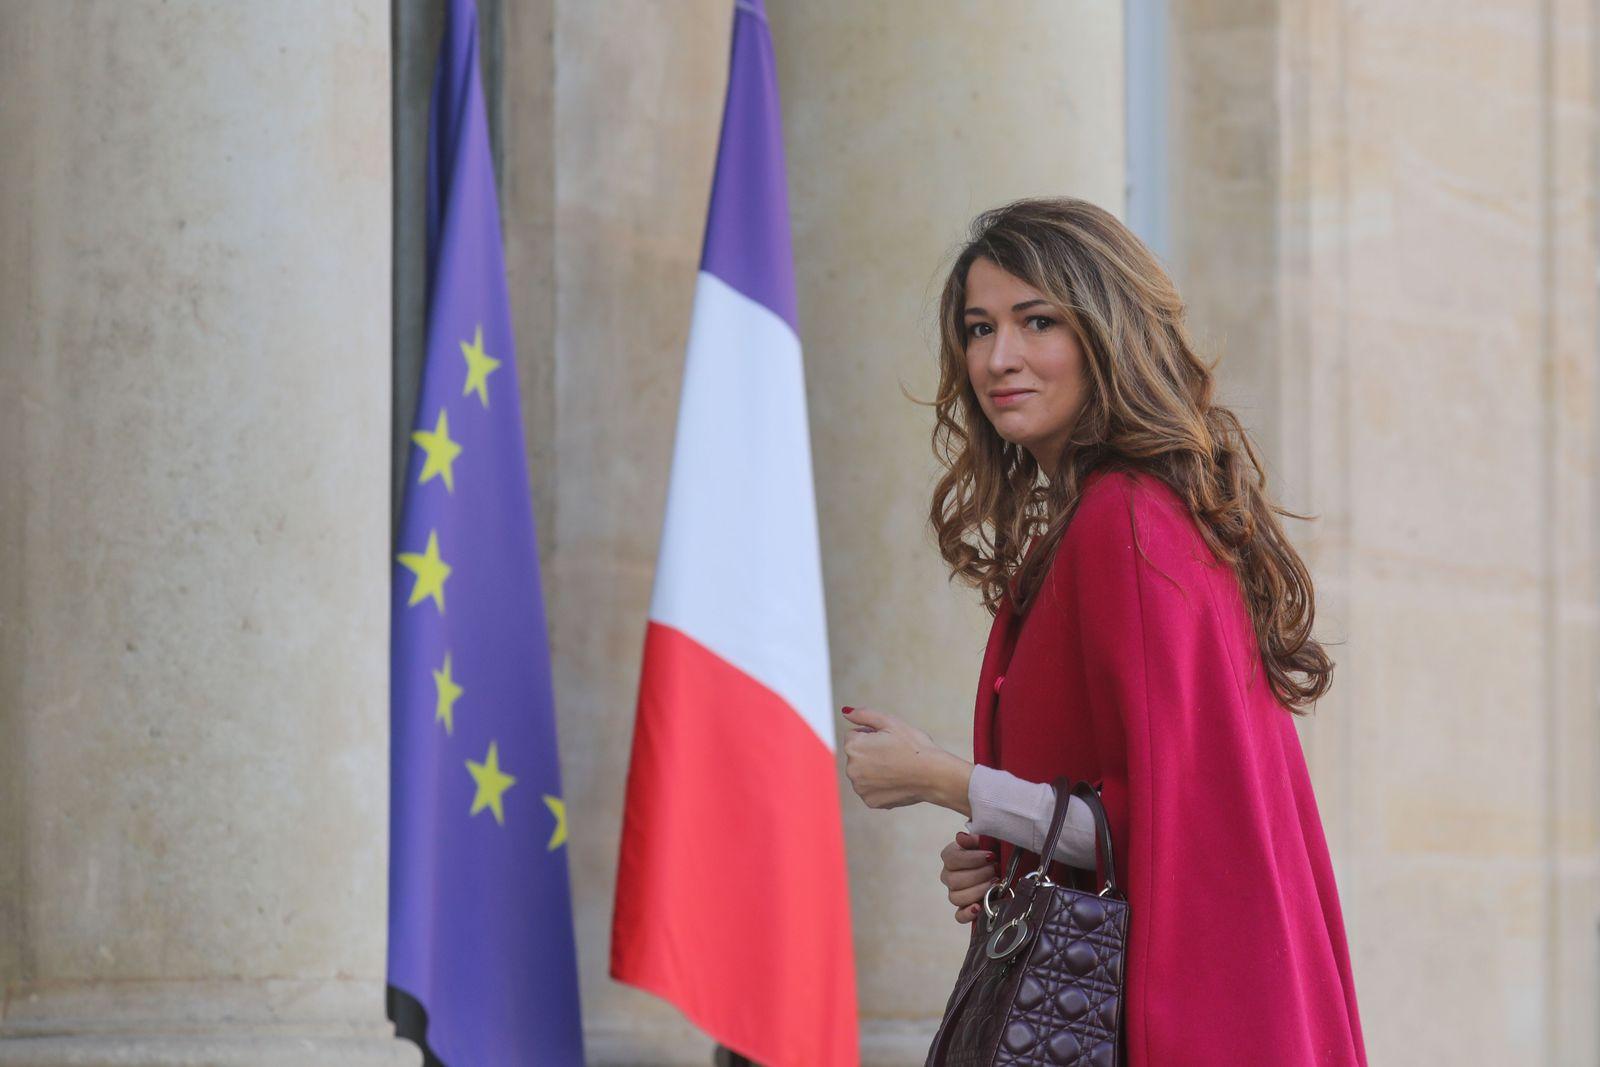 FRANCE-POLITICS-RIGHTS-AWARD